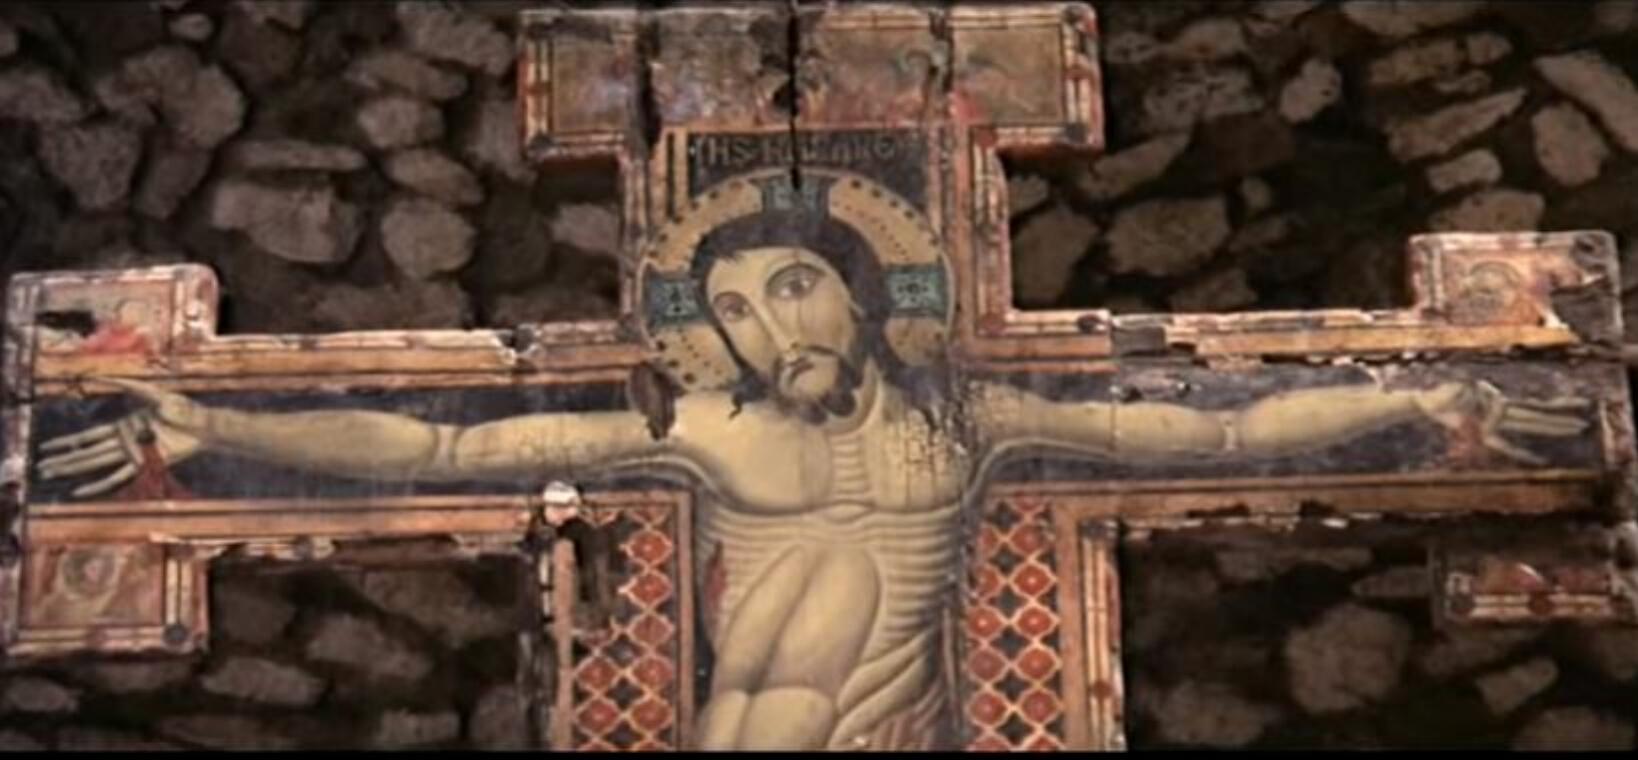 ブラザーサンシスタームーン十字架